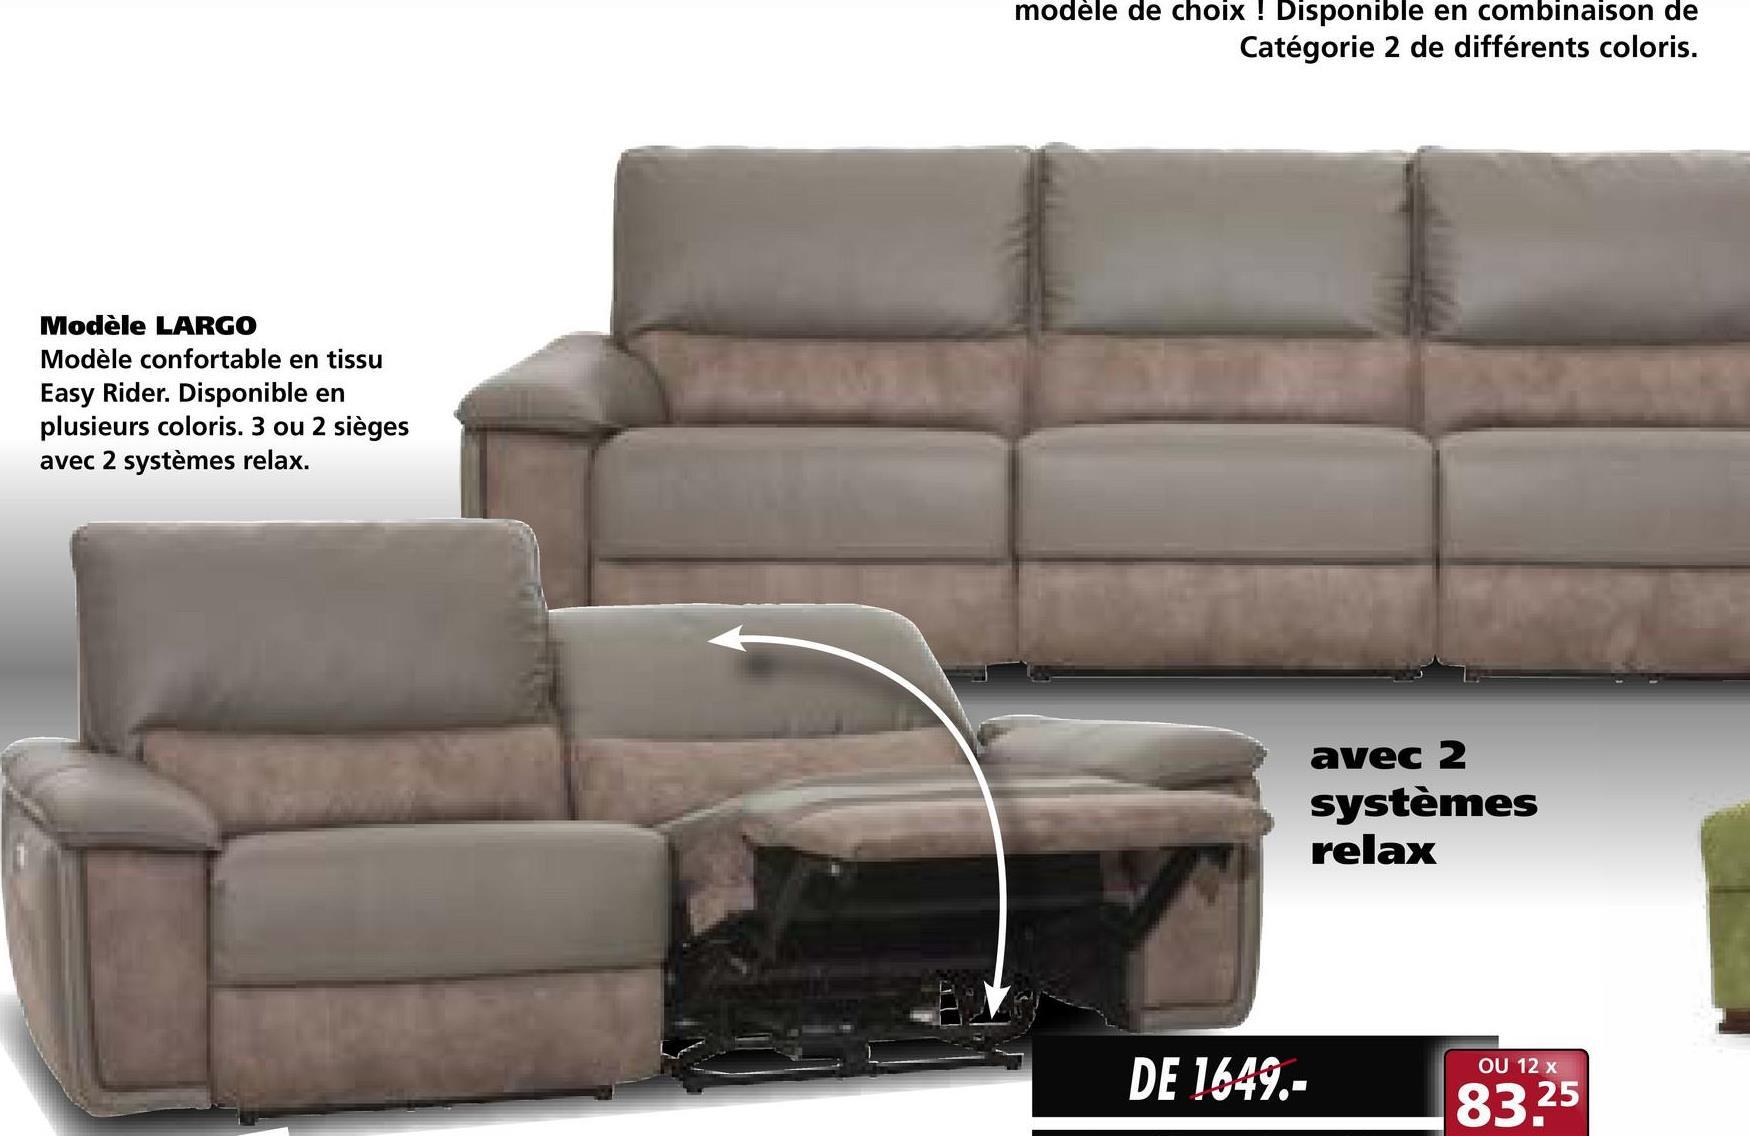 modèle de choix ! Disponible en combinaison de Catégorie 2 de différents coloris. Modèle LARGO Modèle confortable en tissu Easy Rider. Disponible en plusieurs coloris. 3 ou 2 sièges avec 2 systèmes relax. avec 2 systèmes relax DE 1649.- 8325